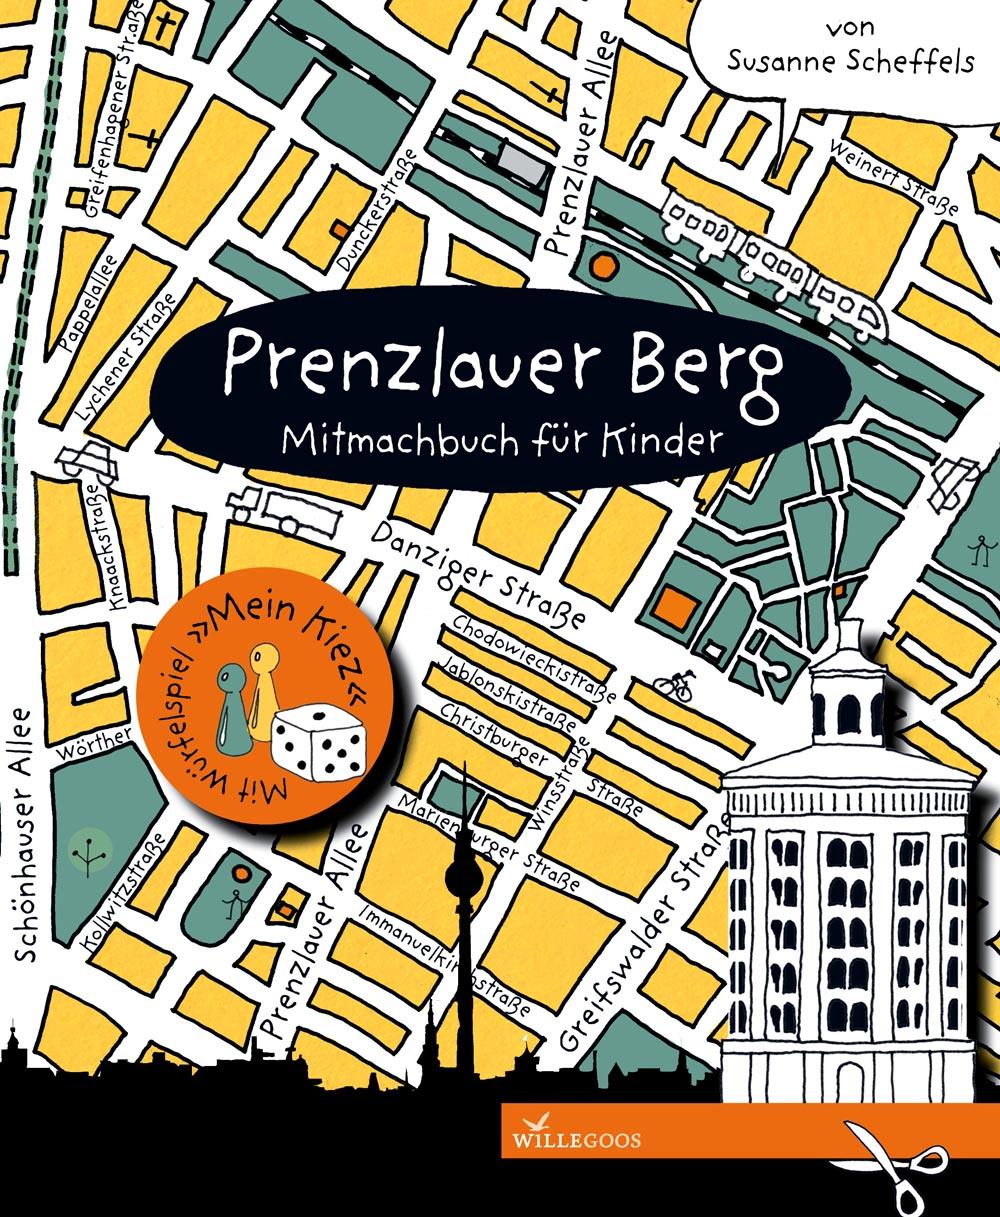 Cover_Mitmachbuch Prenzlauer Berg_Print 300 dpi